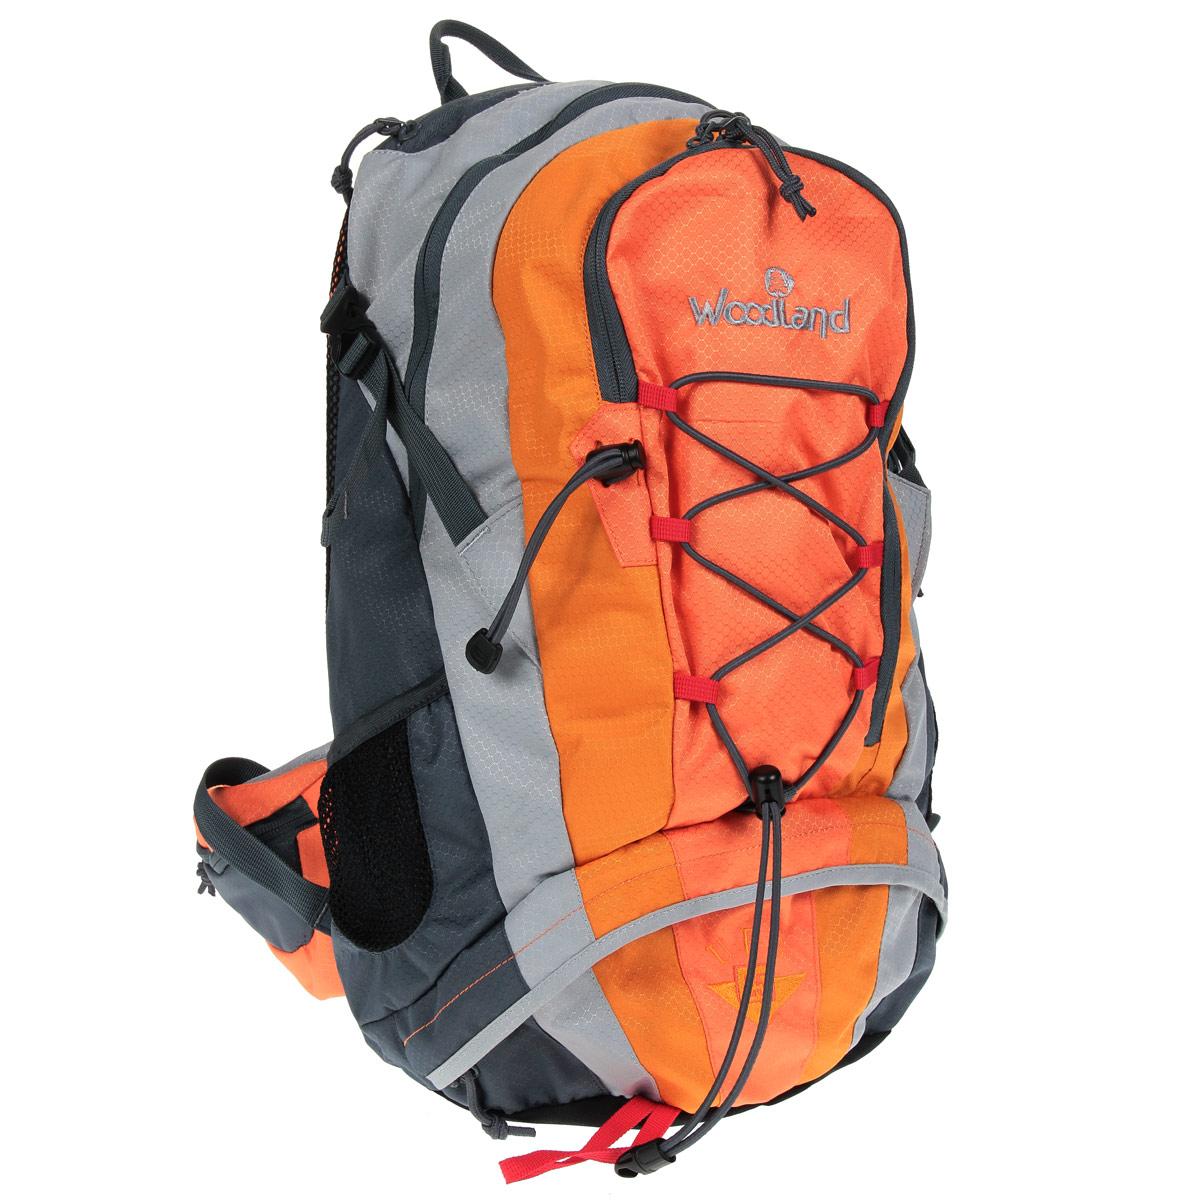 Рюкзак WoodLand UPS 25, цвет: оранжевый, желтый, темно-серый30776Рюкзак WoodLand UPS 25 разработан для приключений, будь то дикая природа или городские джунгли. Все узлы продуманы и универсальны - Вам не нужно будет задумываться над тем, что и куда положить. 25-литровый рюкзак WoodLand UPS 25 с вместительными карманами, нижним входом и классической системой вентиляции - оптимален для всех видов физической активности.Особенности рюкзака:Два входа в основное отделение.Удобный органайзер во внешнем кармане.Кармашки для мелочей в крыльях поясного ремня.Отдельный карман для плеера и других полезностей.Адаптирован для использования питьевой системы.Грудная стяжка с резиновым компенсатором.Пластиковая фурнитура YKK.